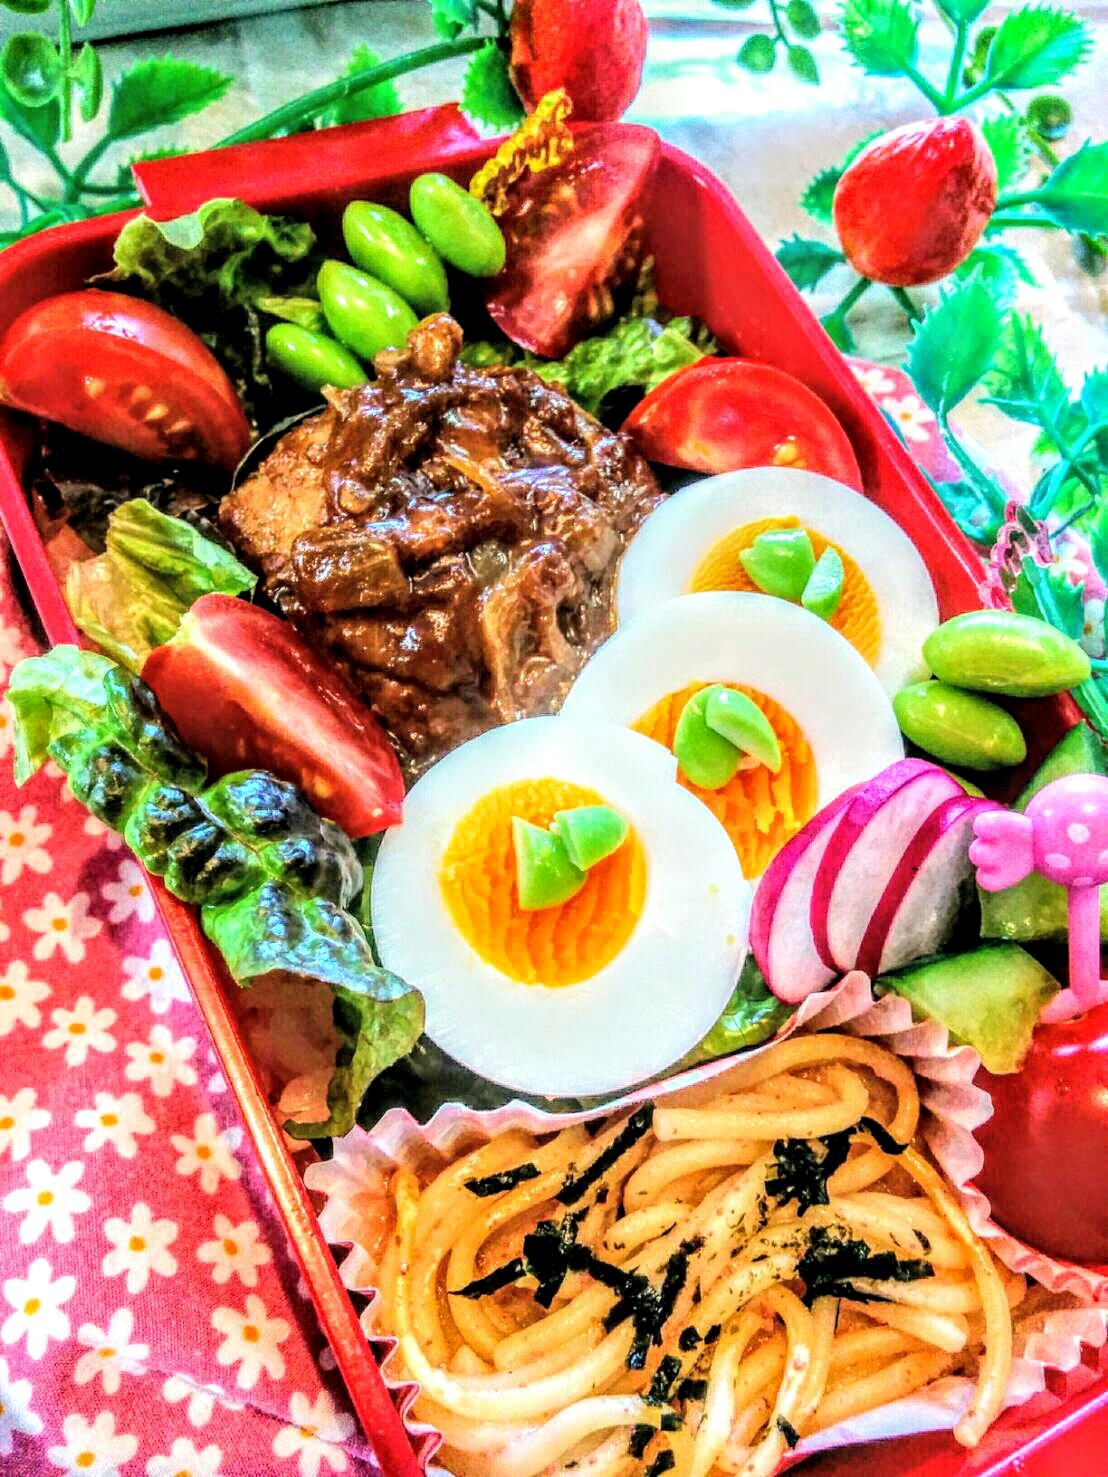 【小樽】娘の今日のお弁当・ロコモコ丼弁当グルメ案内です。